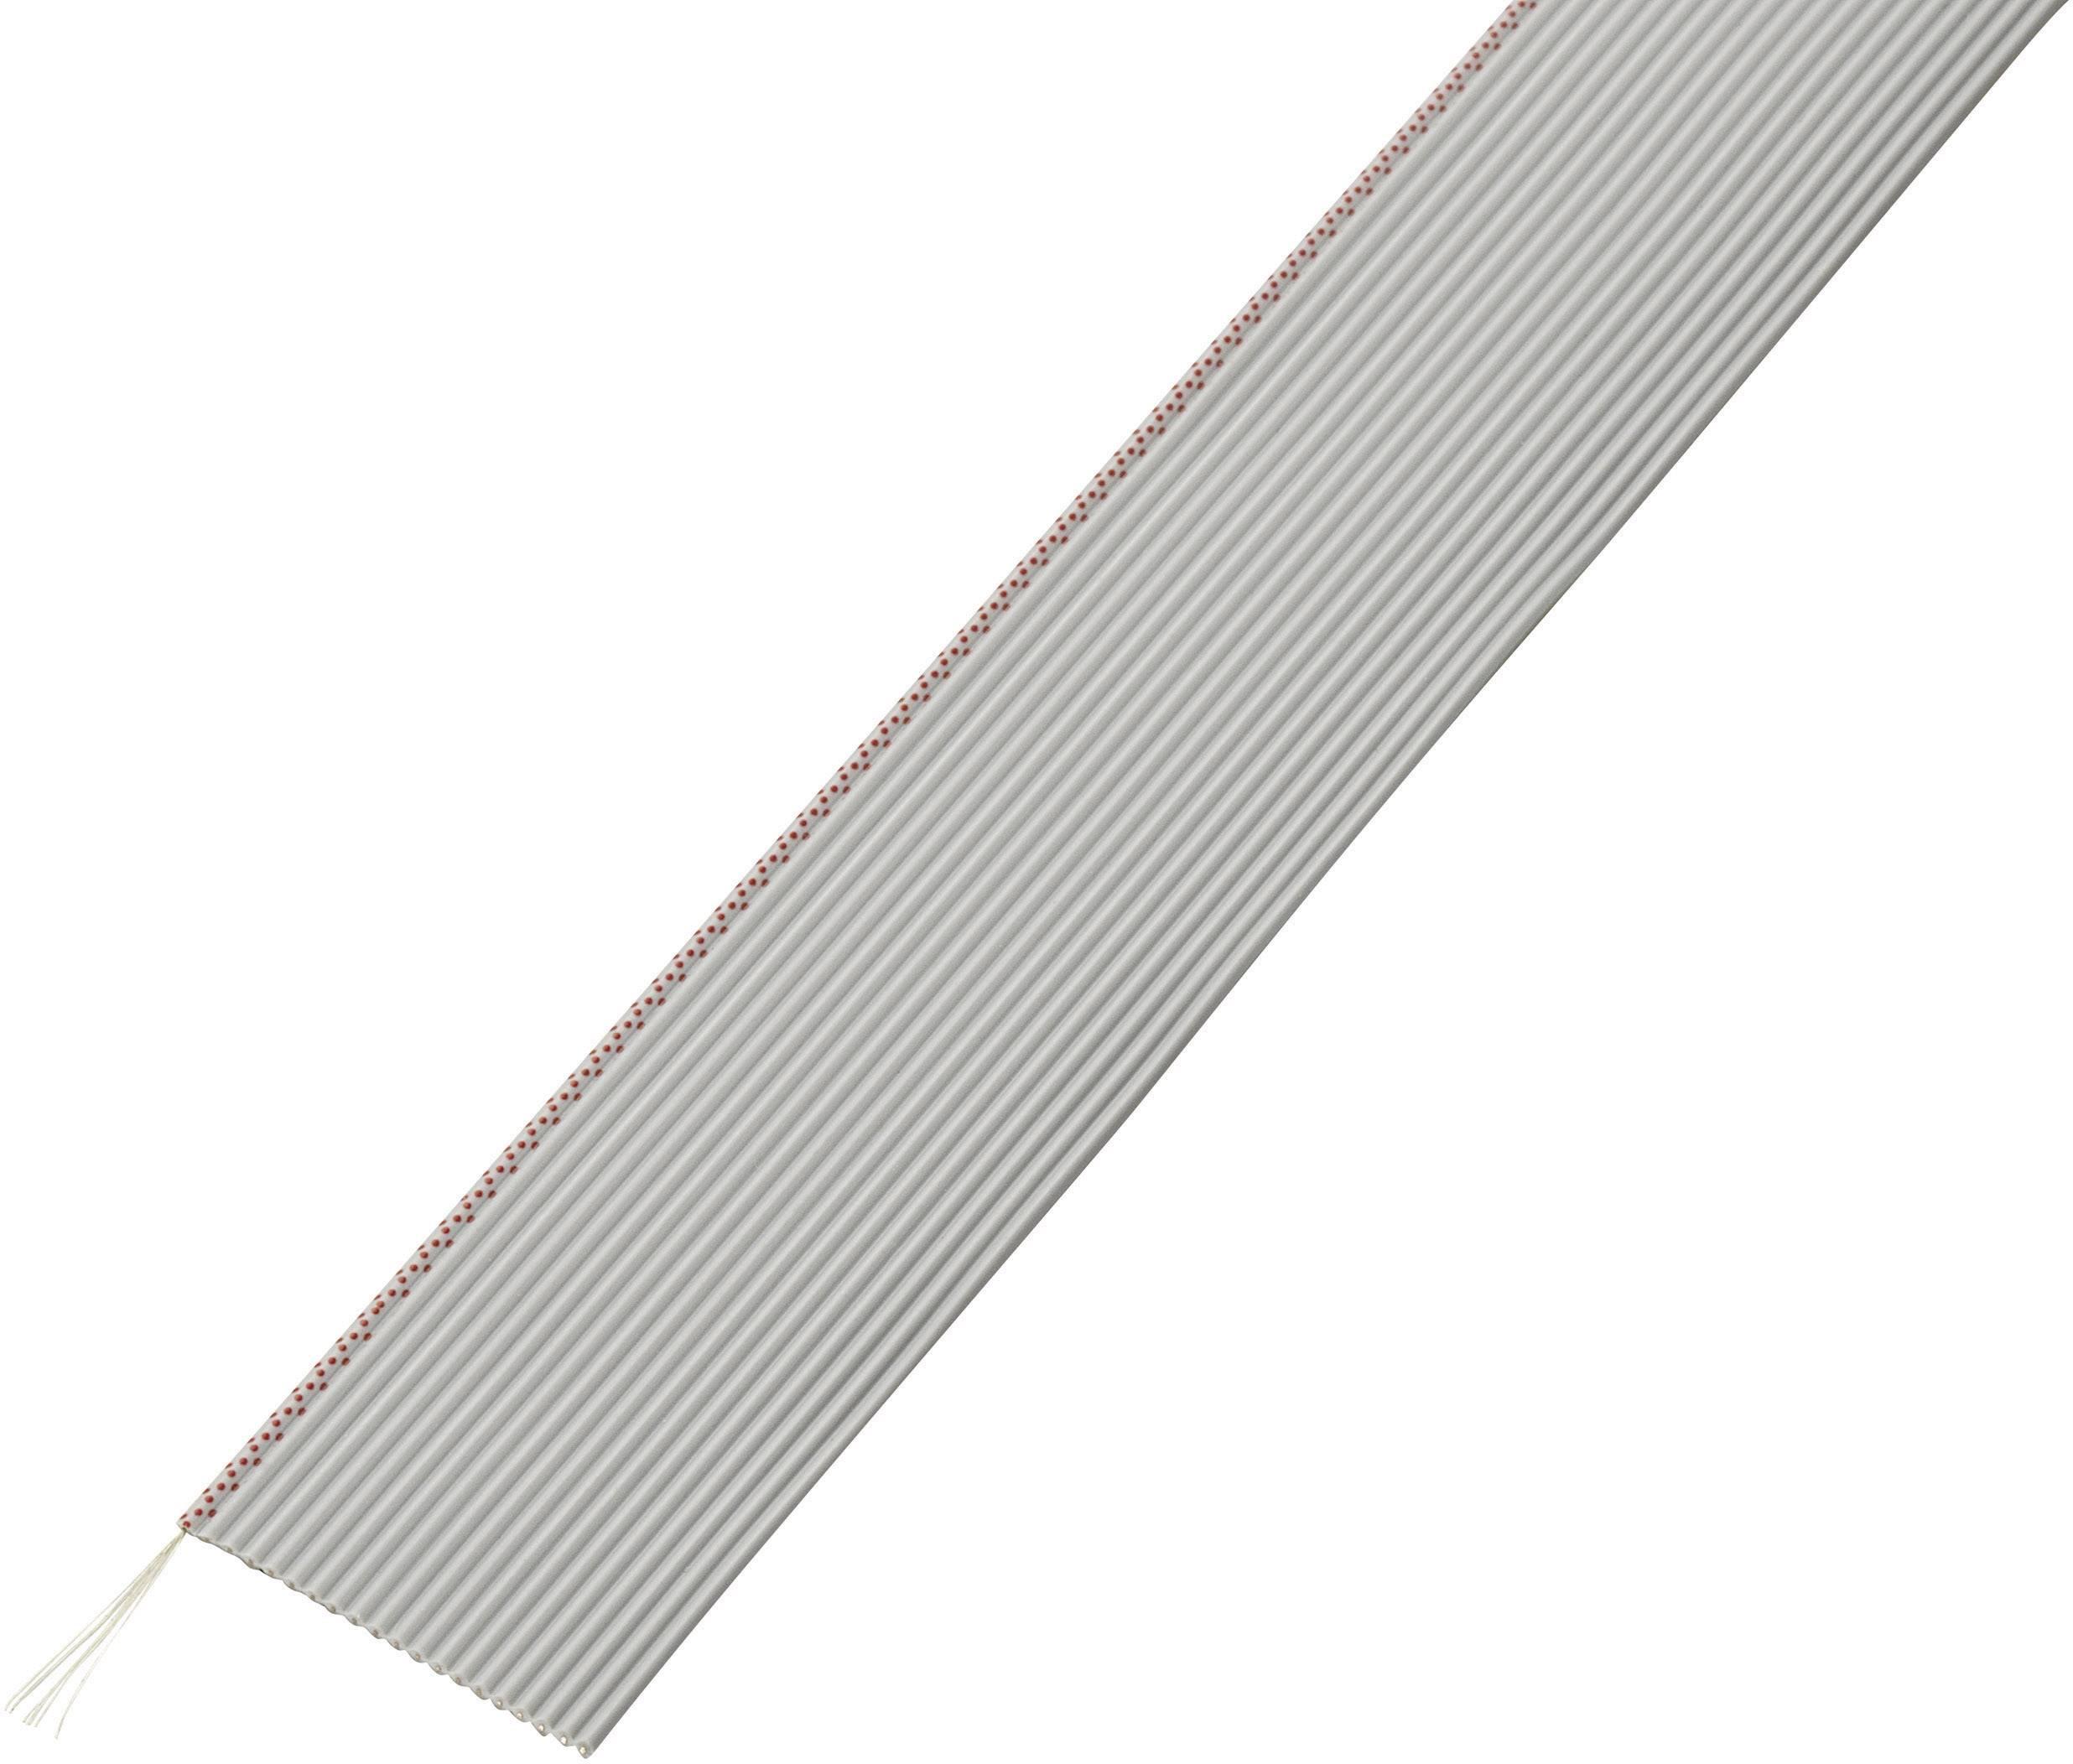 Plochý kábel Conrad Components 607692, rozteč 1.27 mm, 20 x 0.035 mm², sivá, 30.5 m